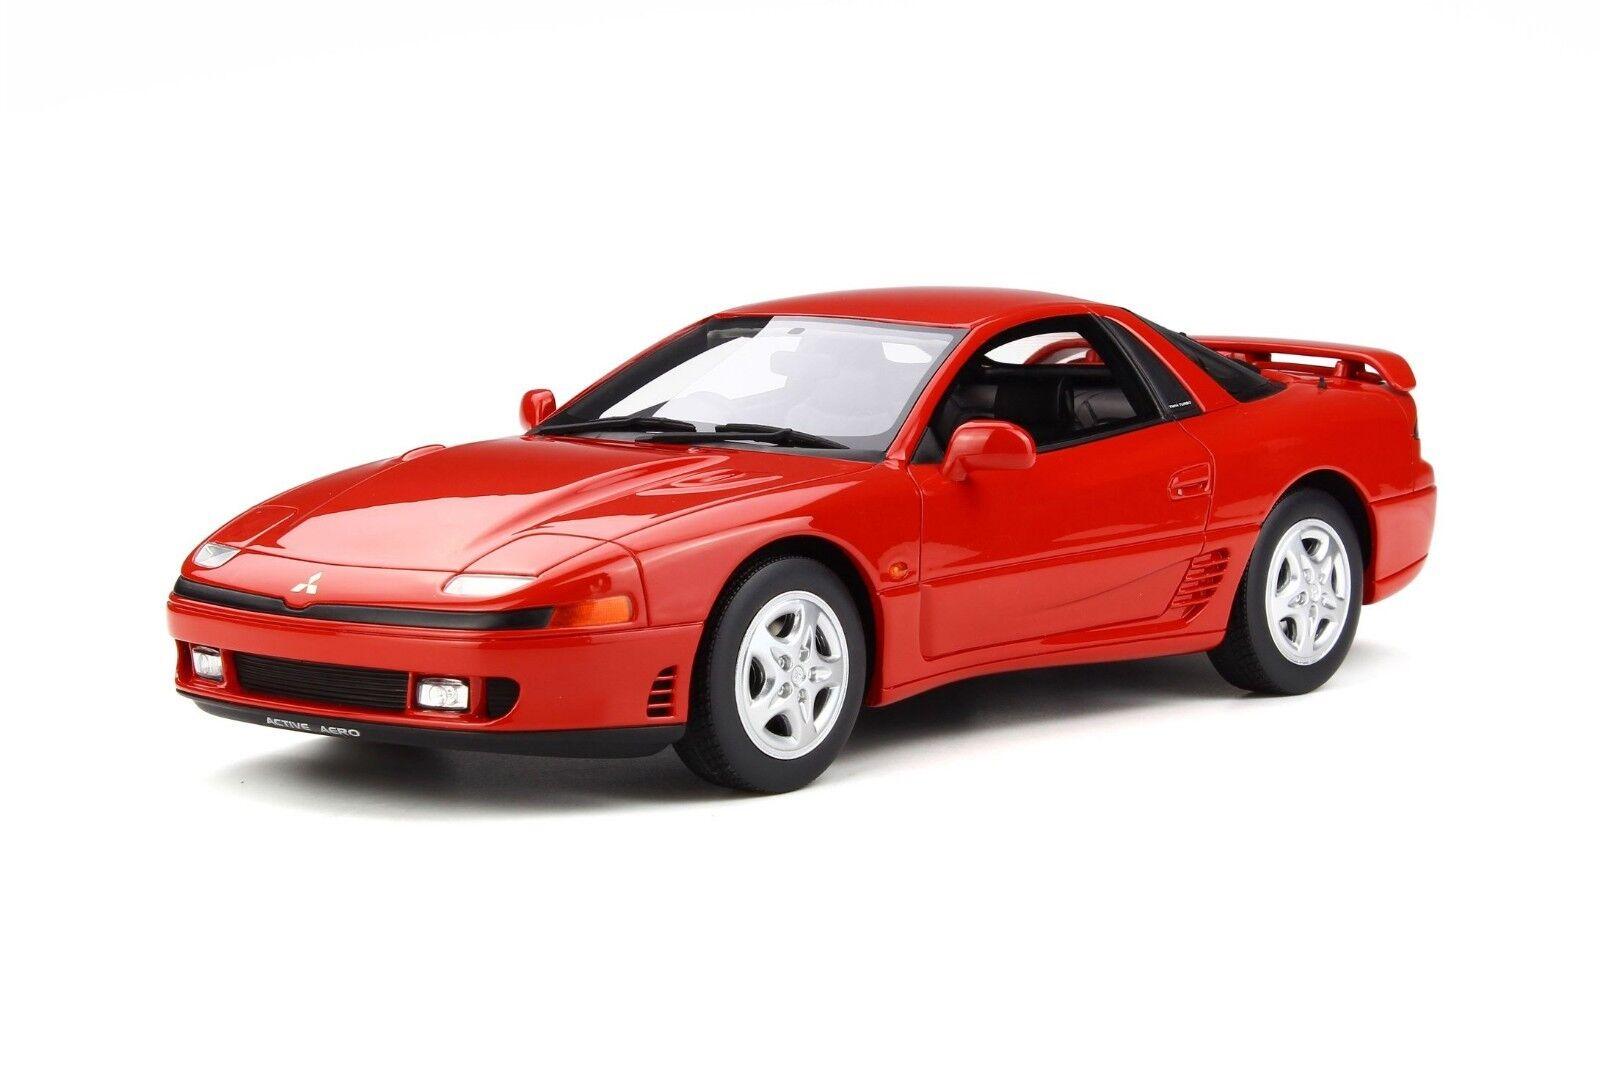 prima qualità ai consumatori MITSUBISHI GTO GTO GTO TWIN TURBO rosso LTD 1,500 PCS 1 18 modello auto BY OTTO MOBILE OT233  per il tuo stile di gioco ai prezzi più bassi